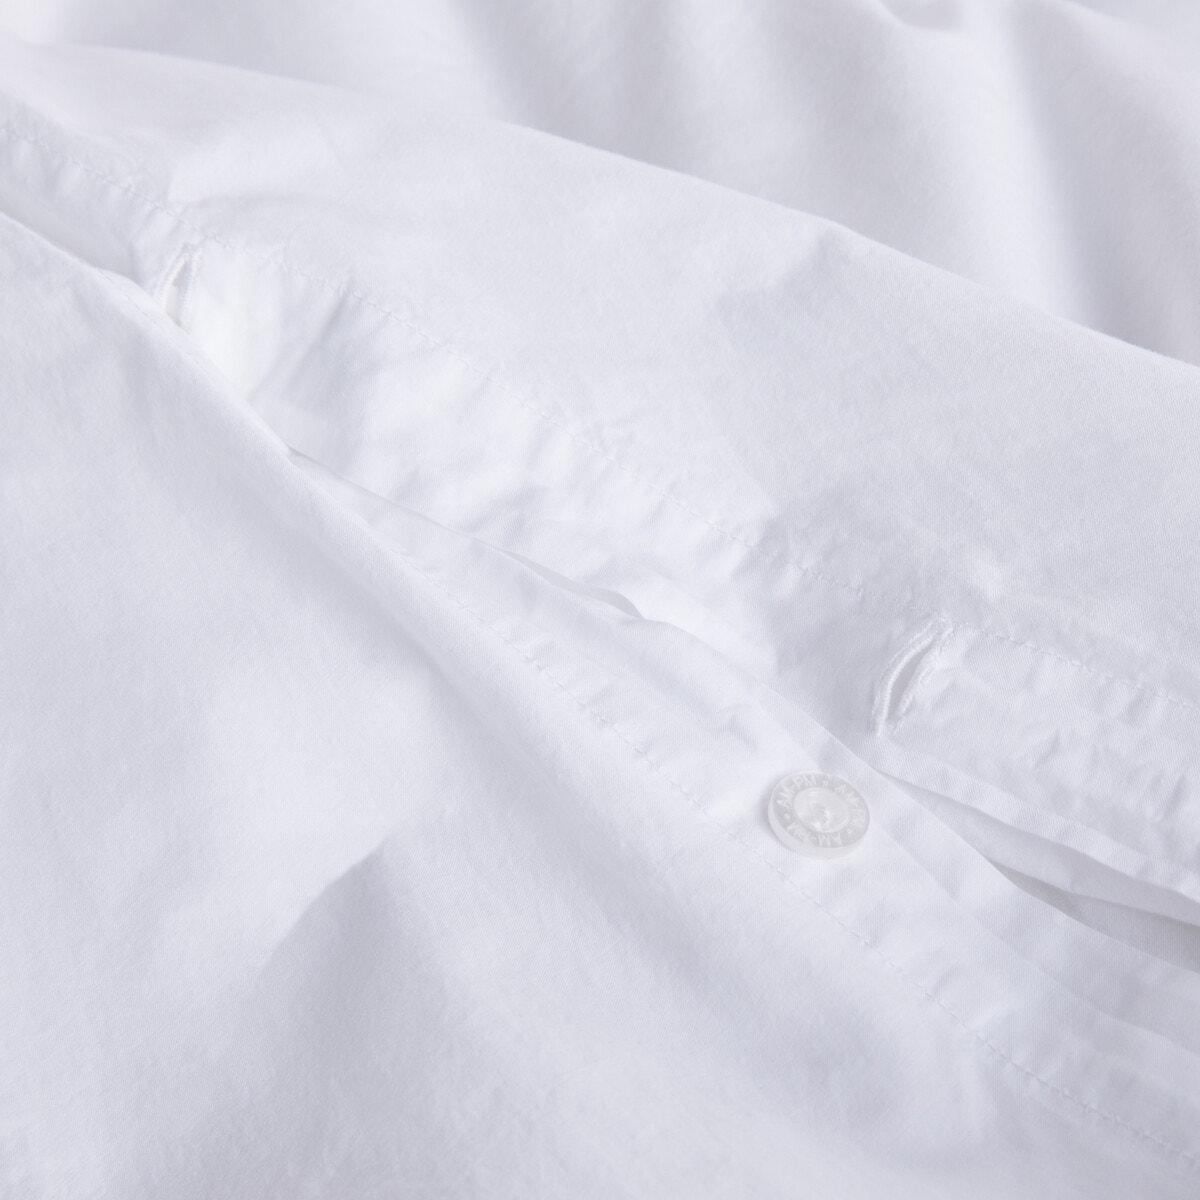 Lenza オーガニックコットン パーケル/リヨセル掛け布団カバー